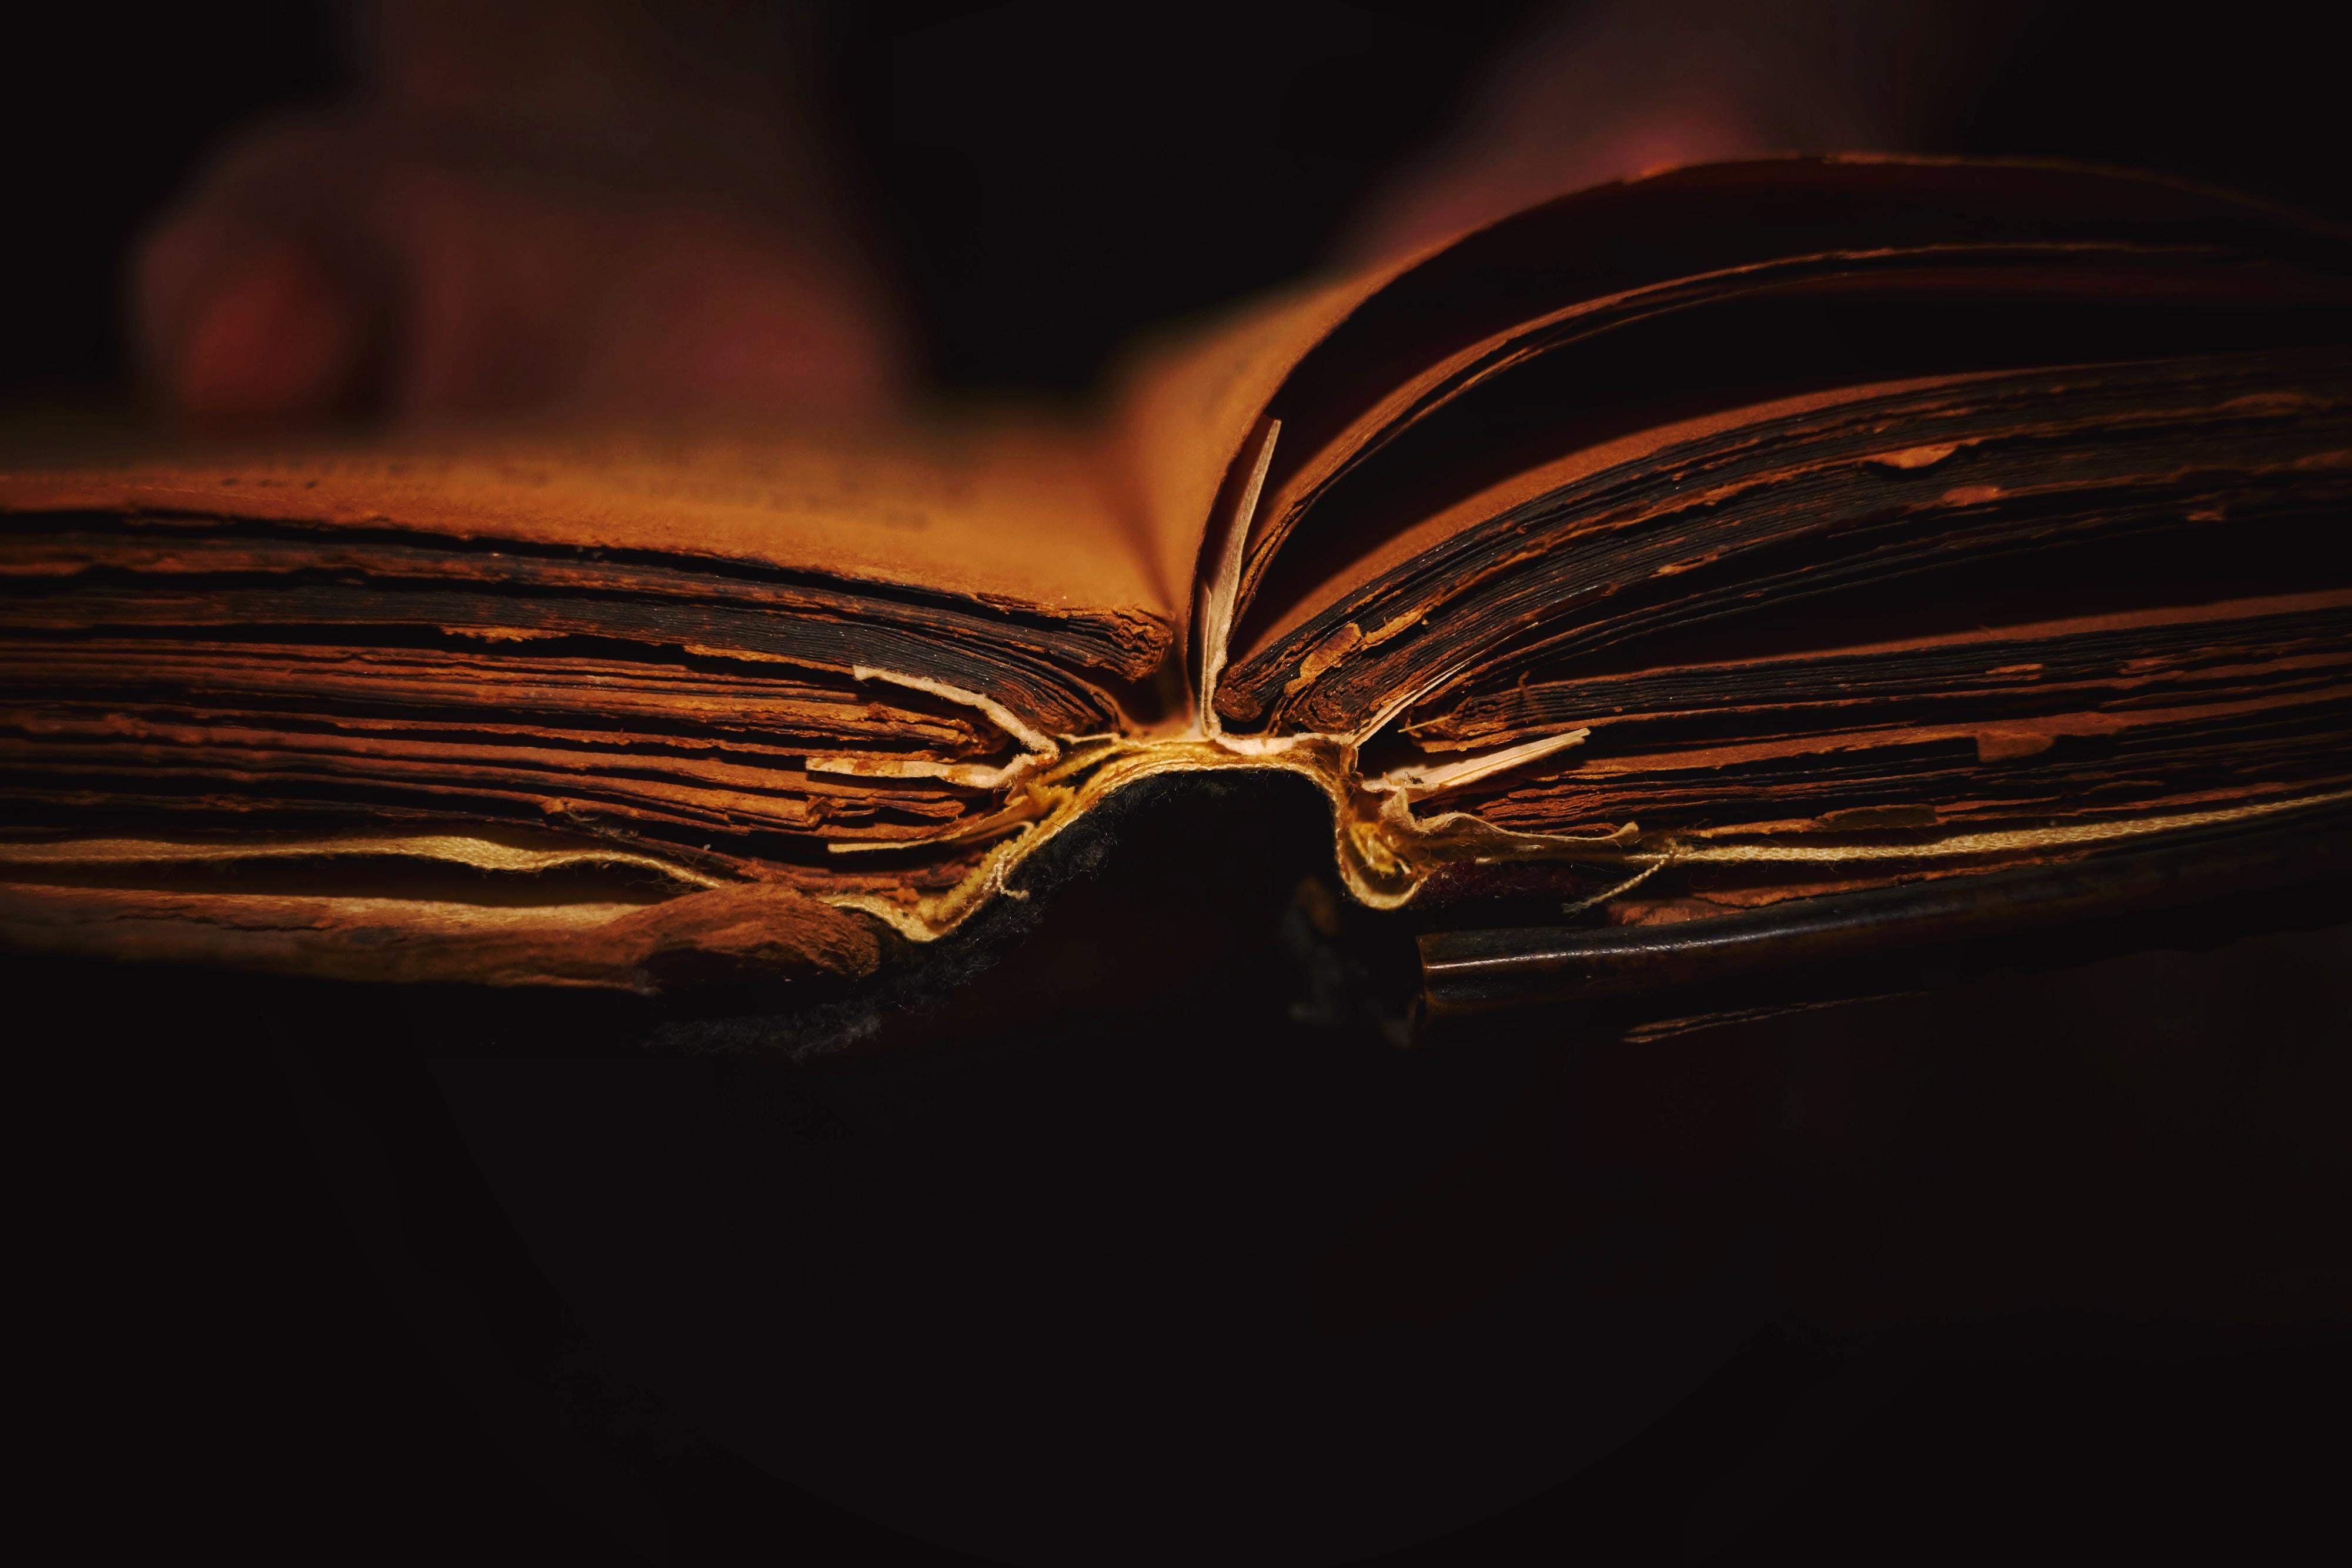 an ancient open book